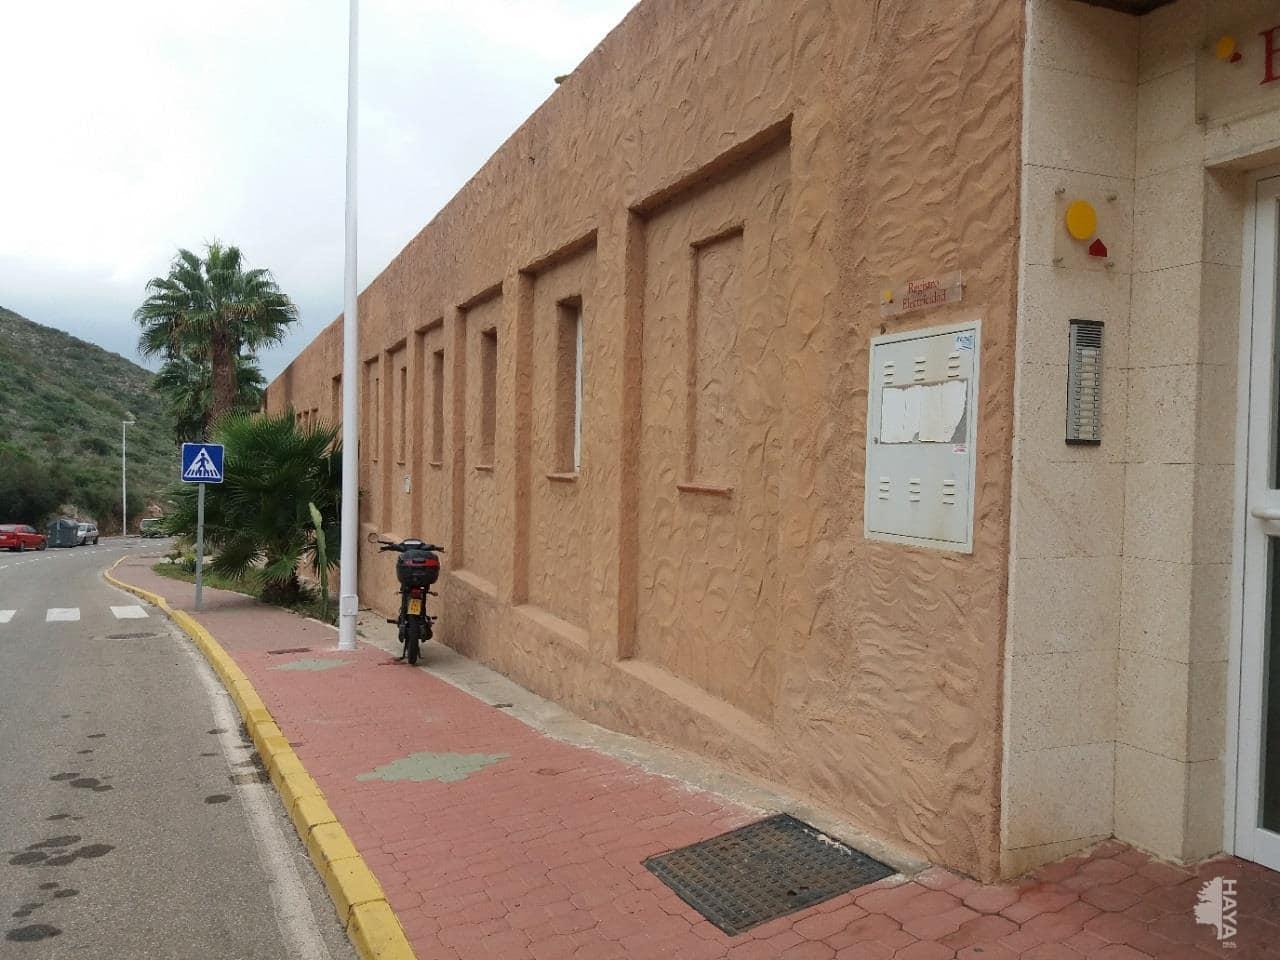 Casa en venta en Mojácar, Almería, Calle Finisterre, 89.134 €, 2 habitaciones, 1 baño, 49 m2